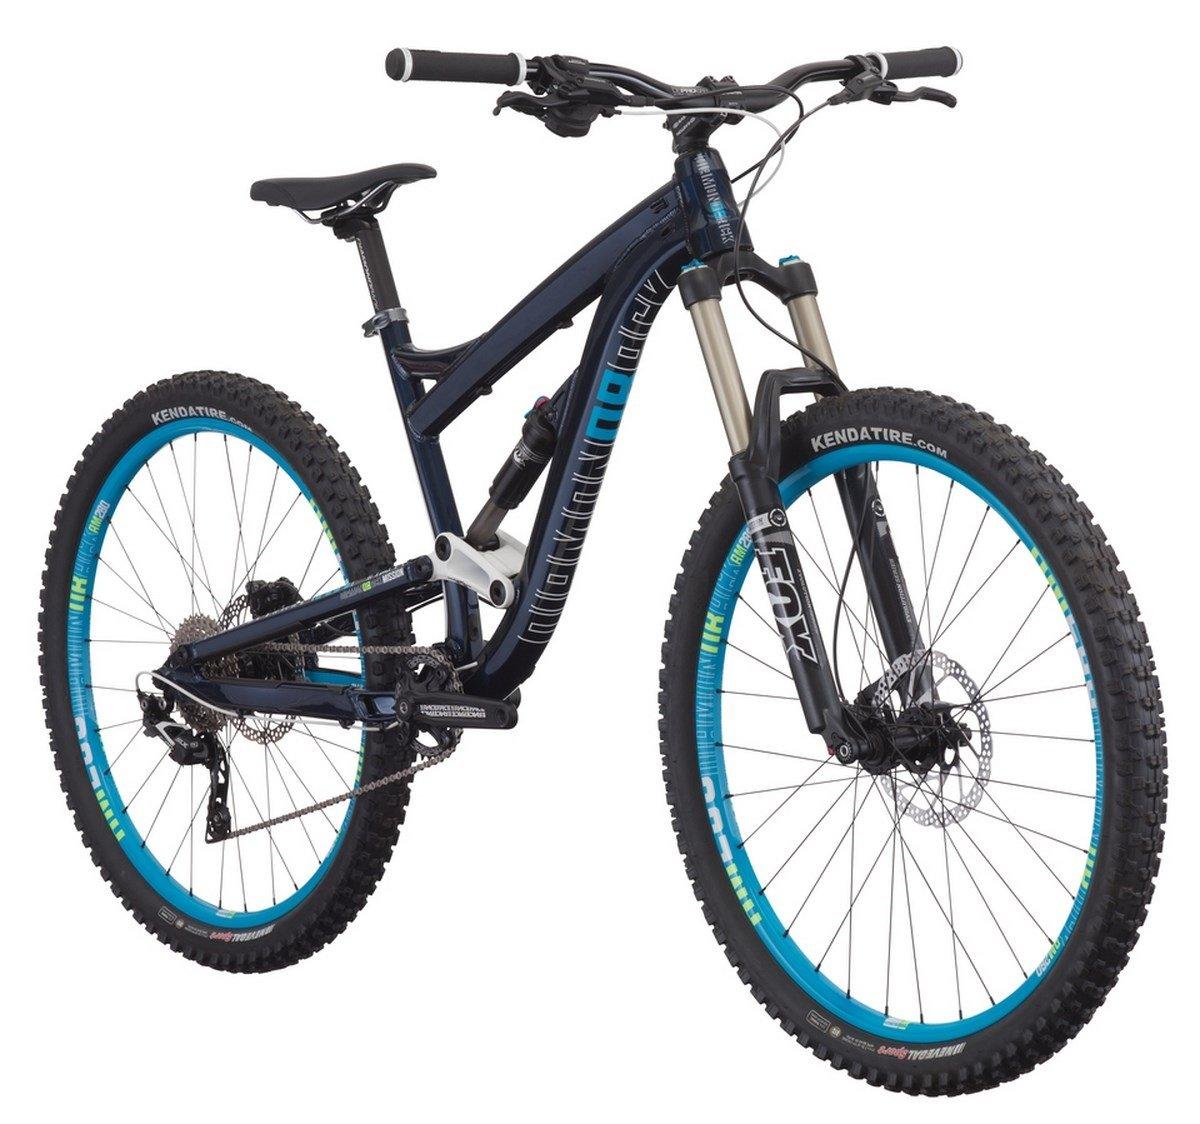 Diamondback Mission 1 - Bicicleta de Enduro, Color Azul Marino, 15 ...